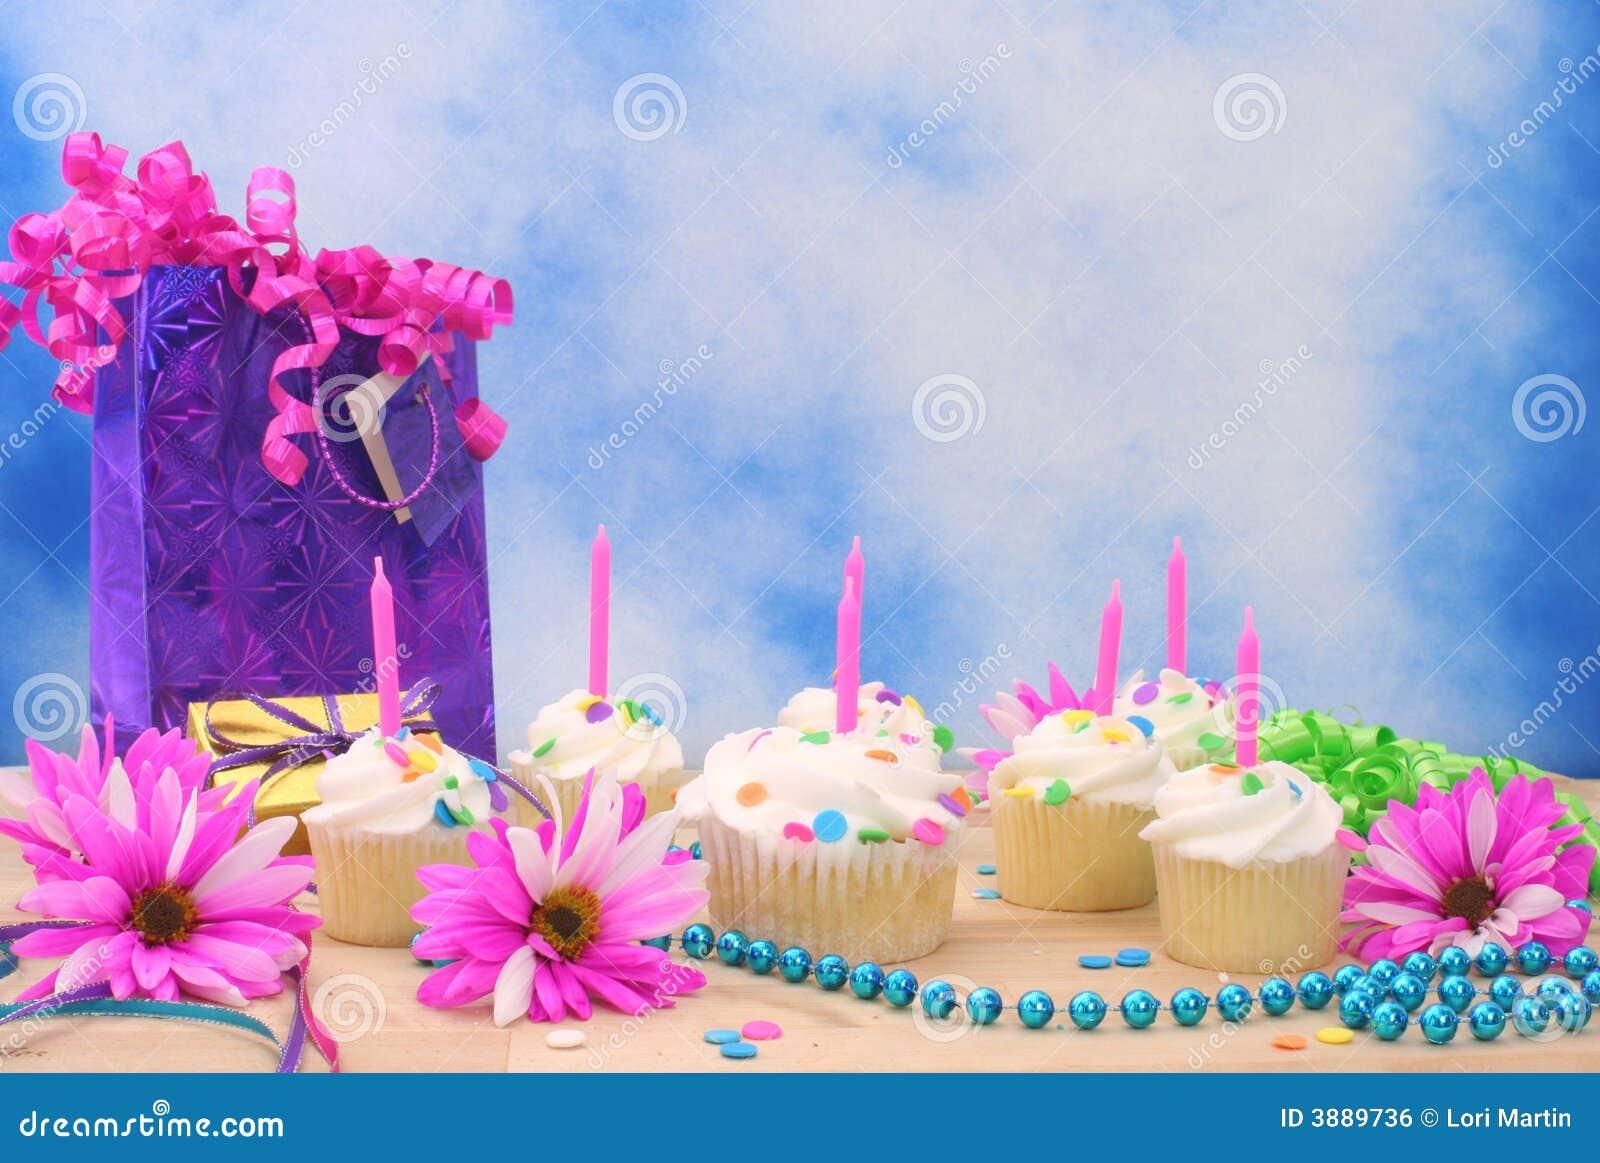 Bigné di compleanno